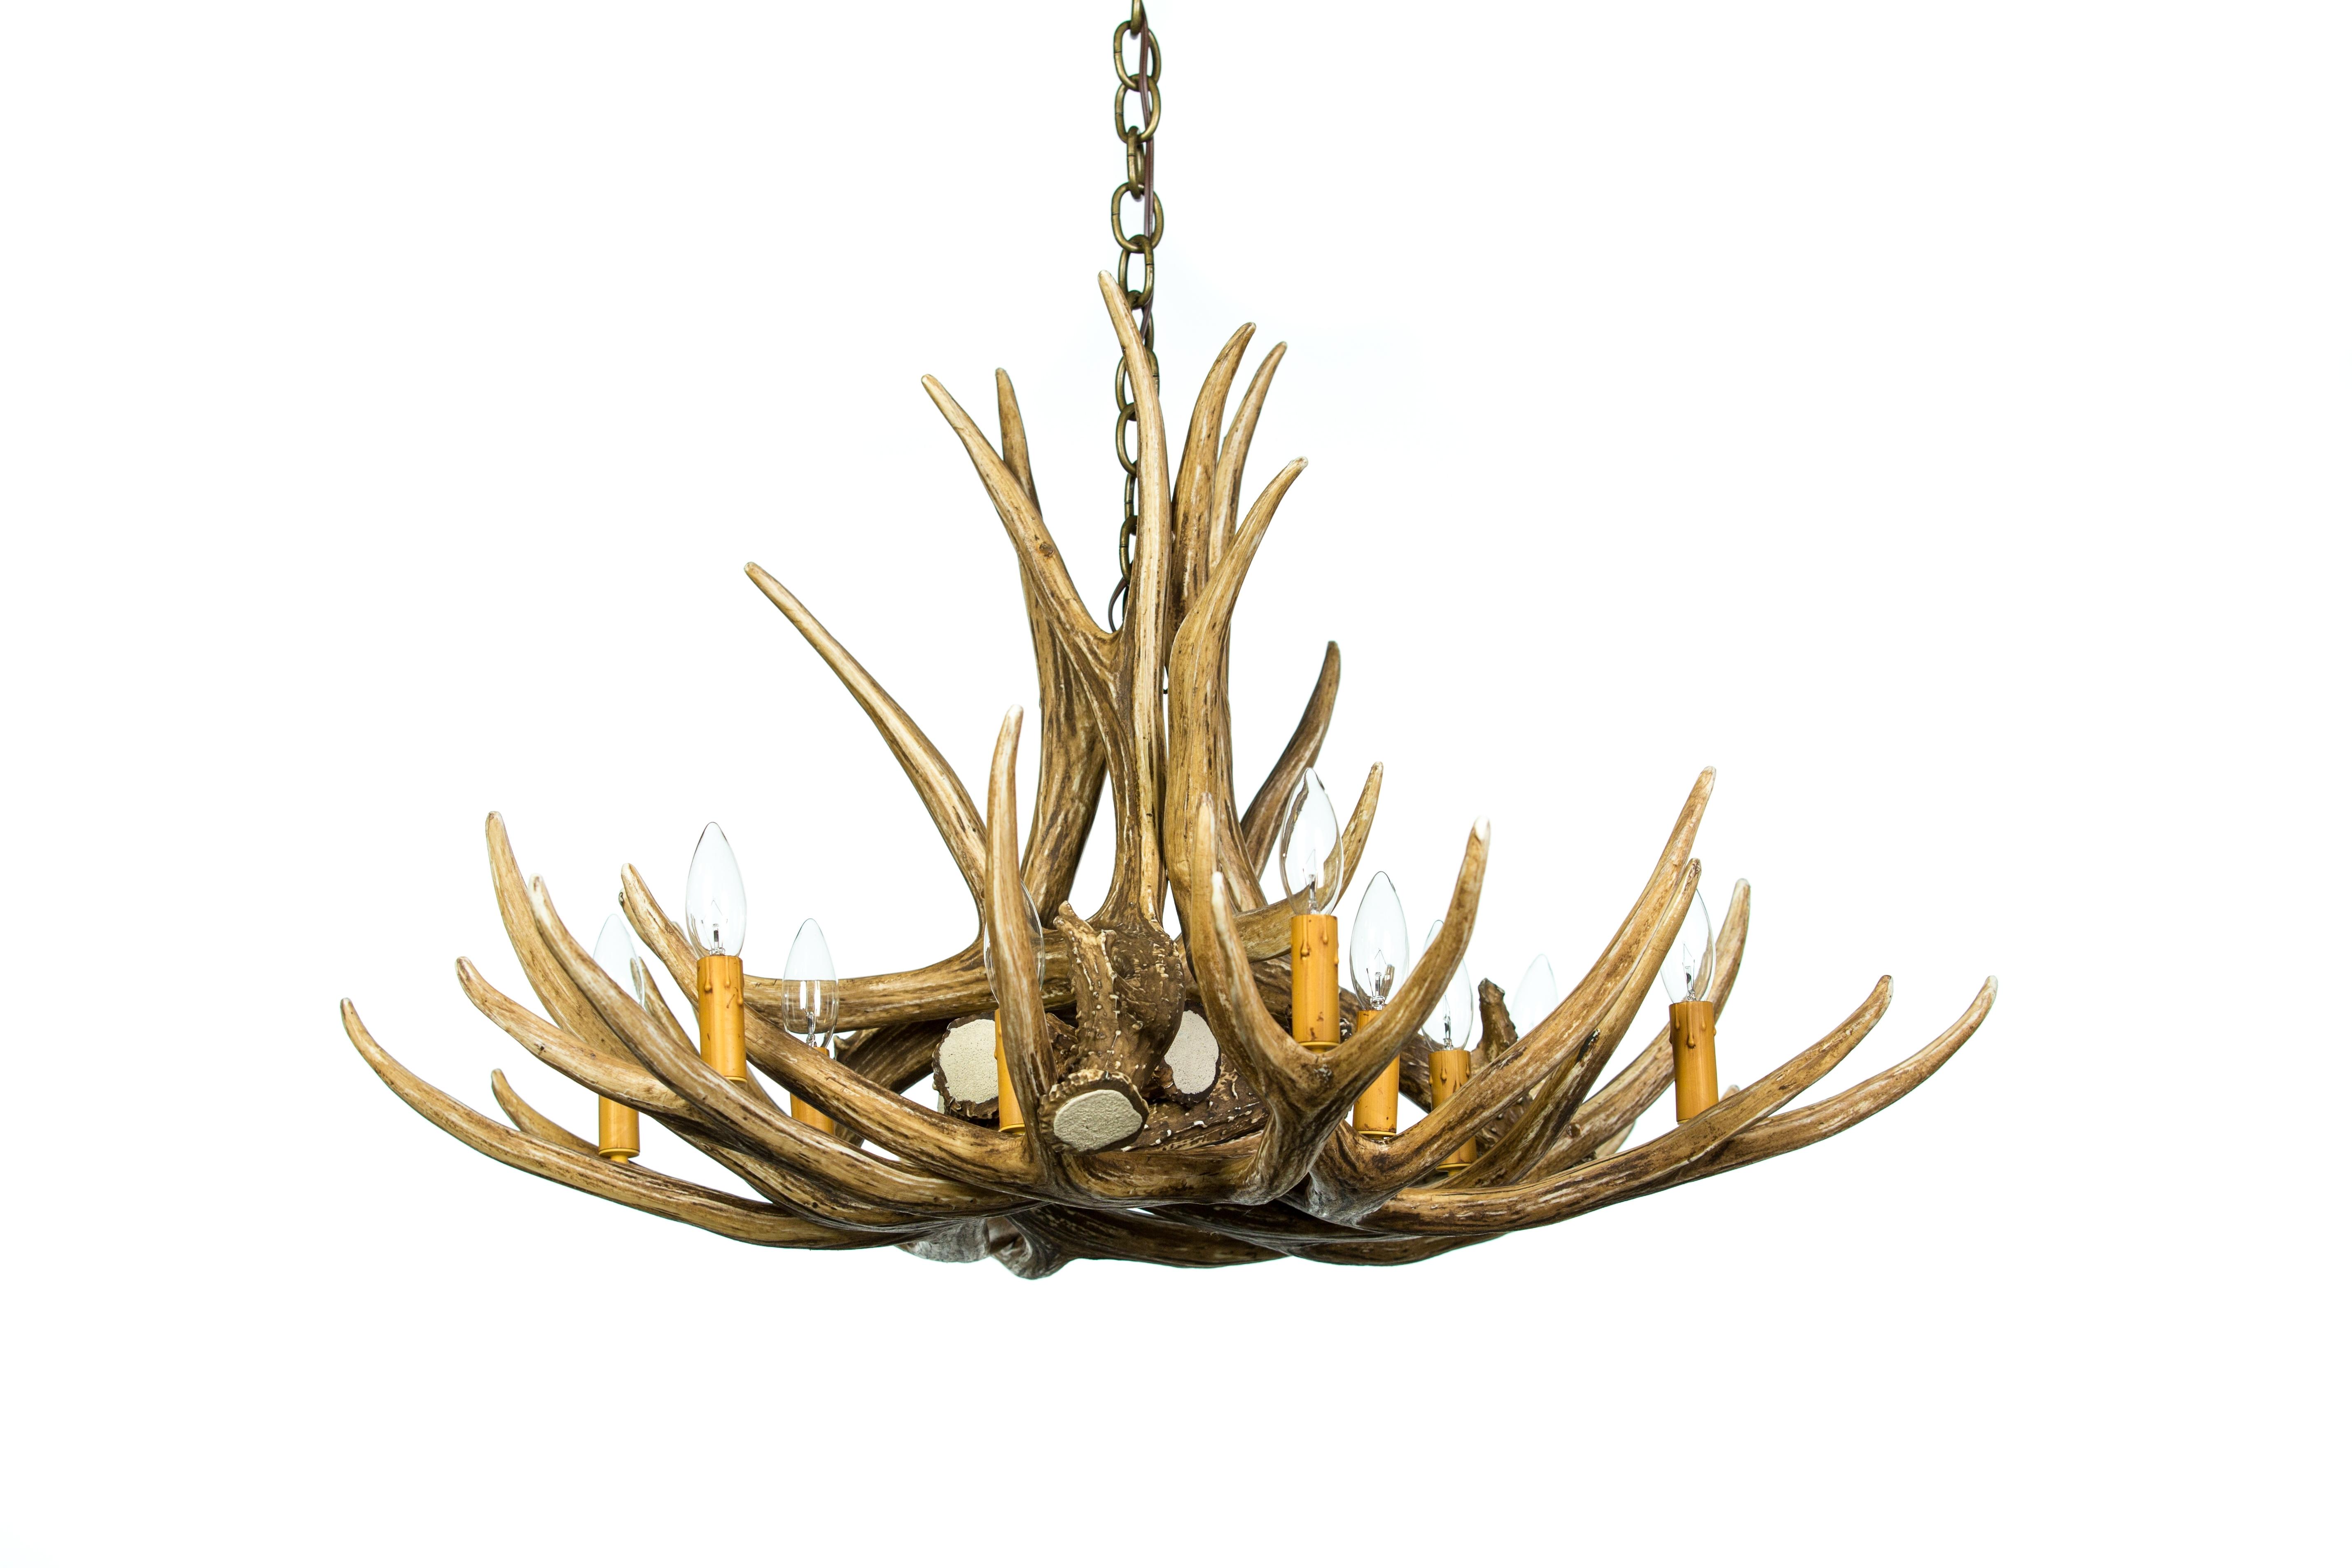 Cast Horn Designs Regarding Antlers Chandeliers (View 10 of 15)